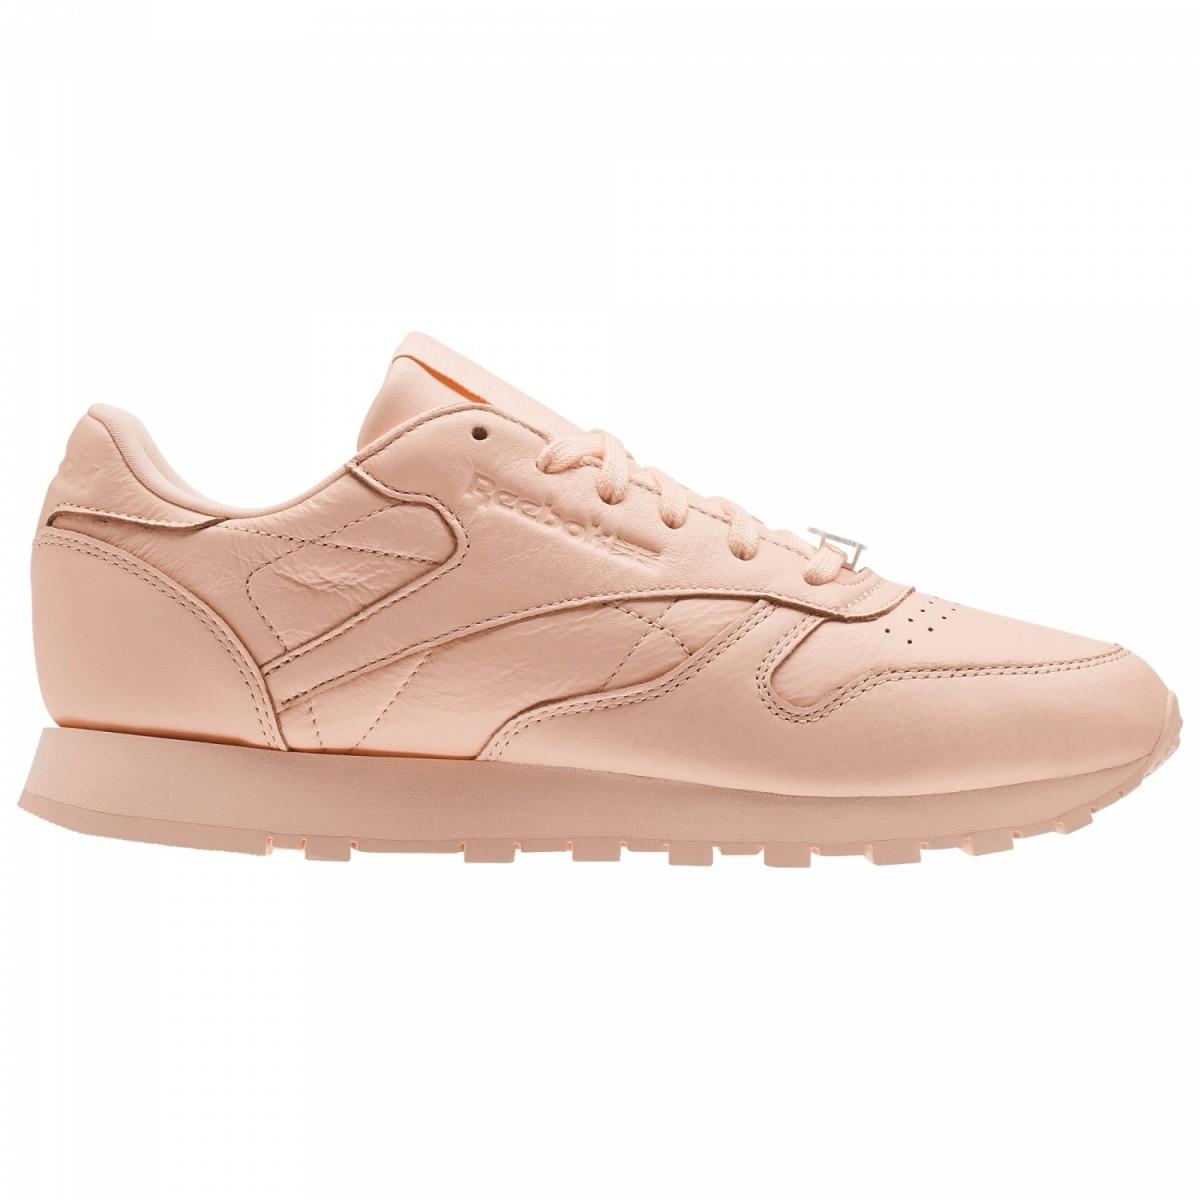 Reebok Classic Leather Pearl Sneaker Damen Schuhe peach